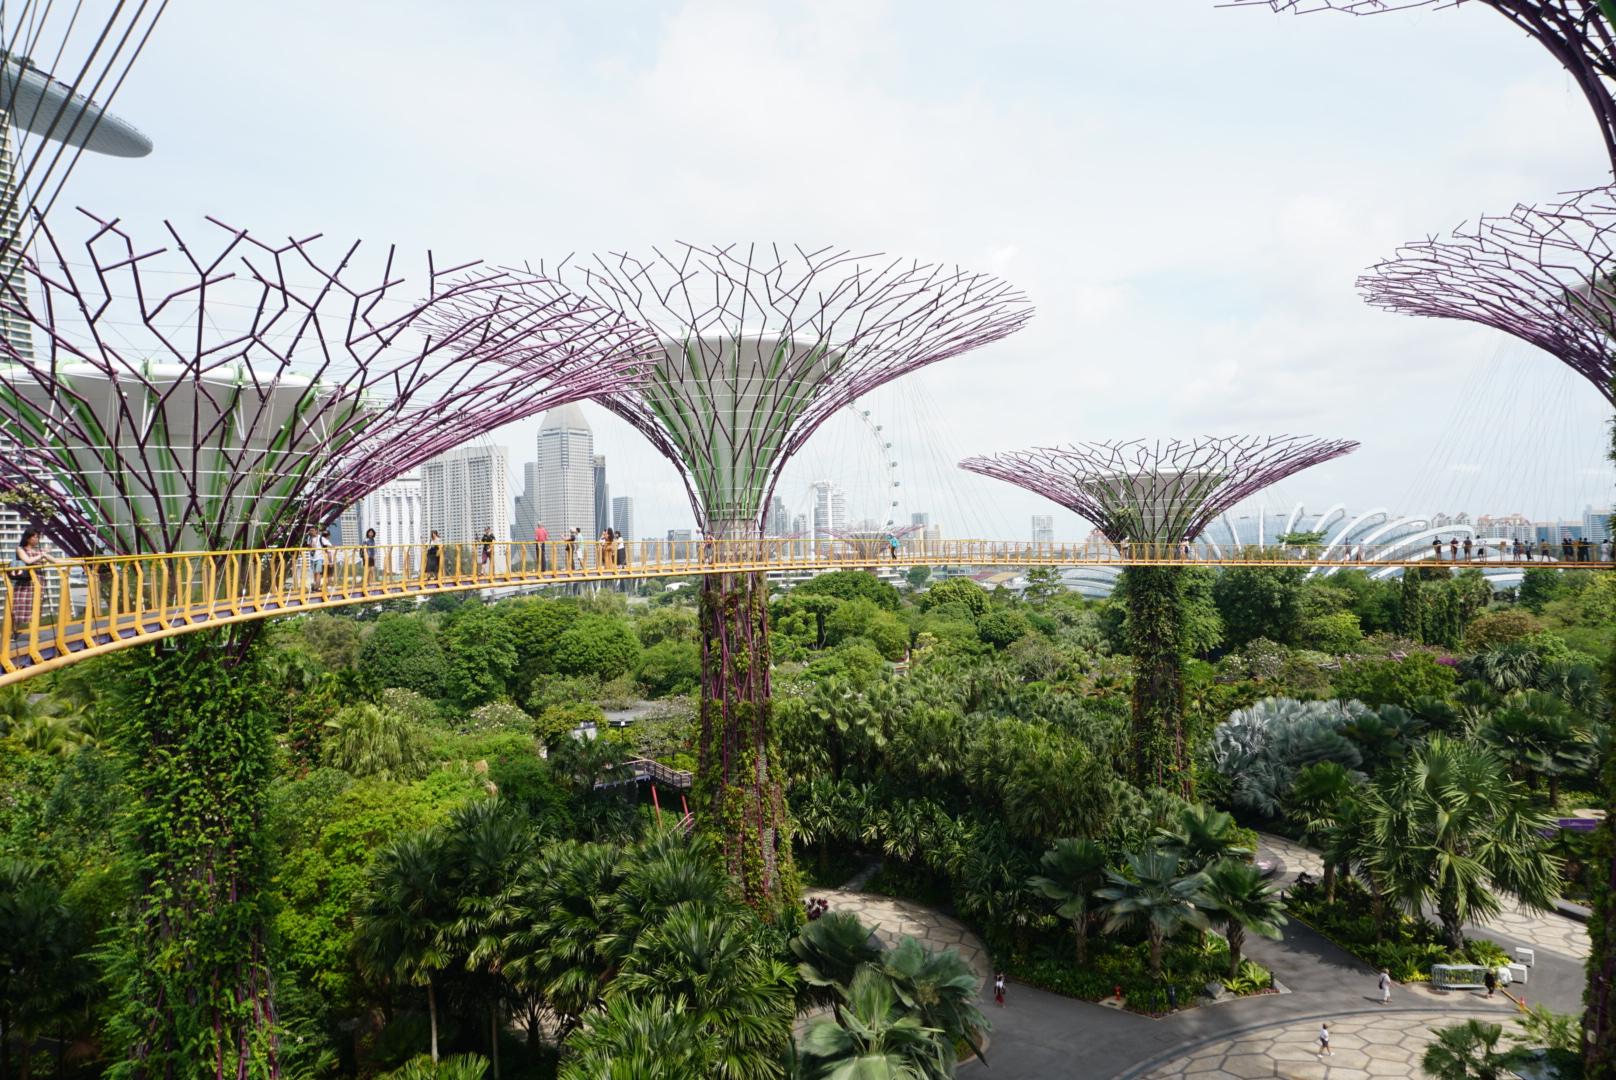 シンガポールの2大植物園を解説!ボタニックガーデンとガーデンズバイザベイ!